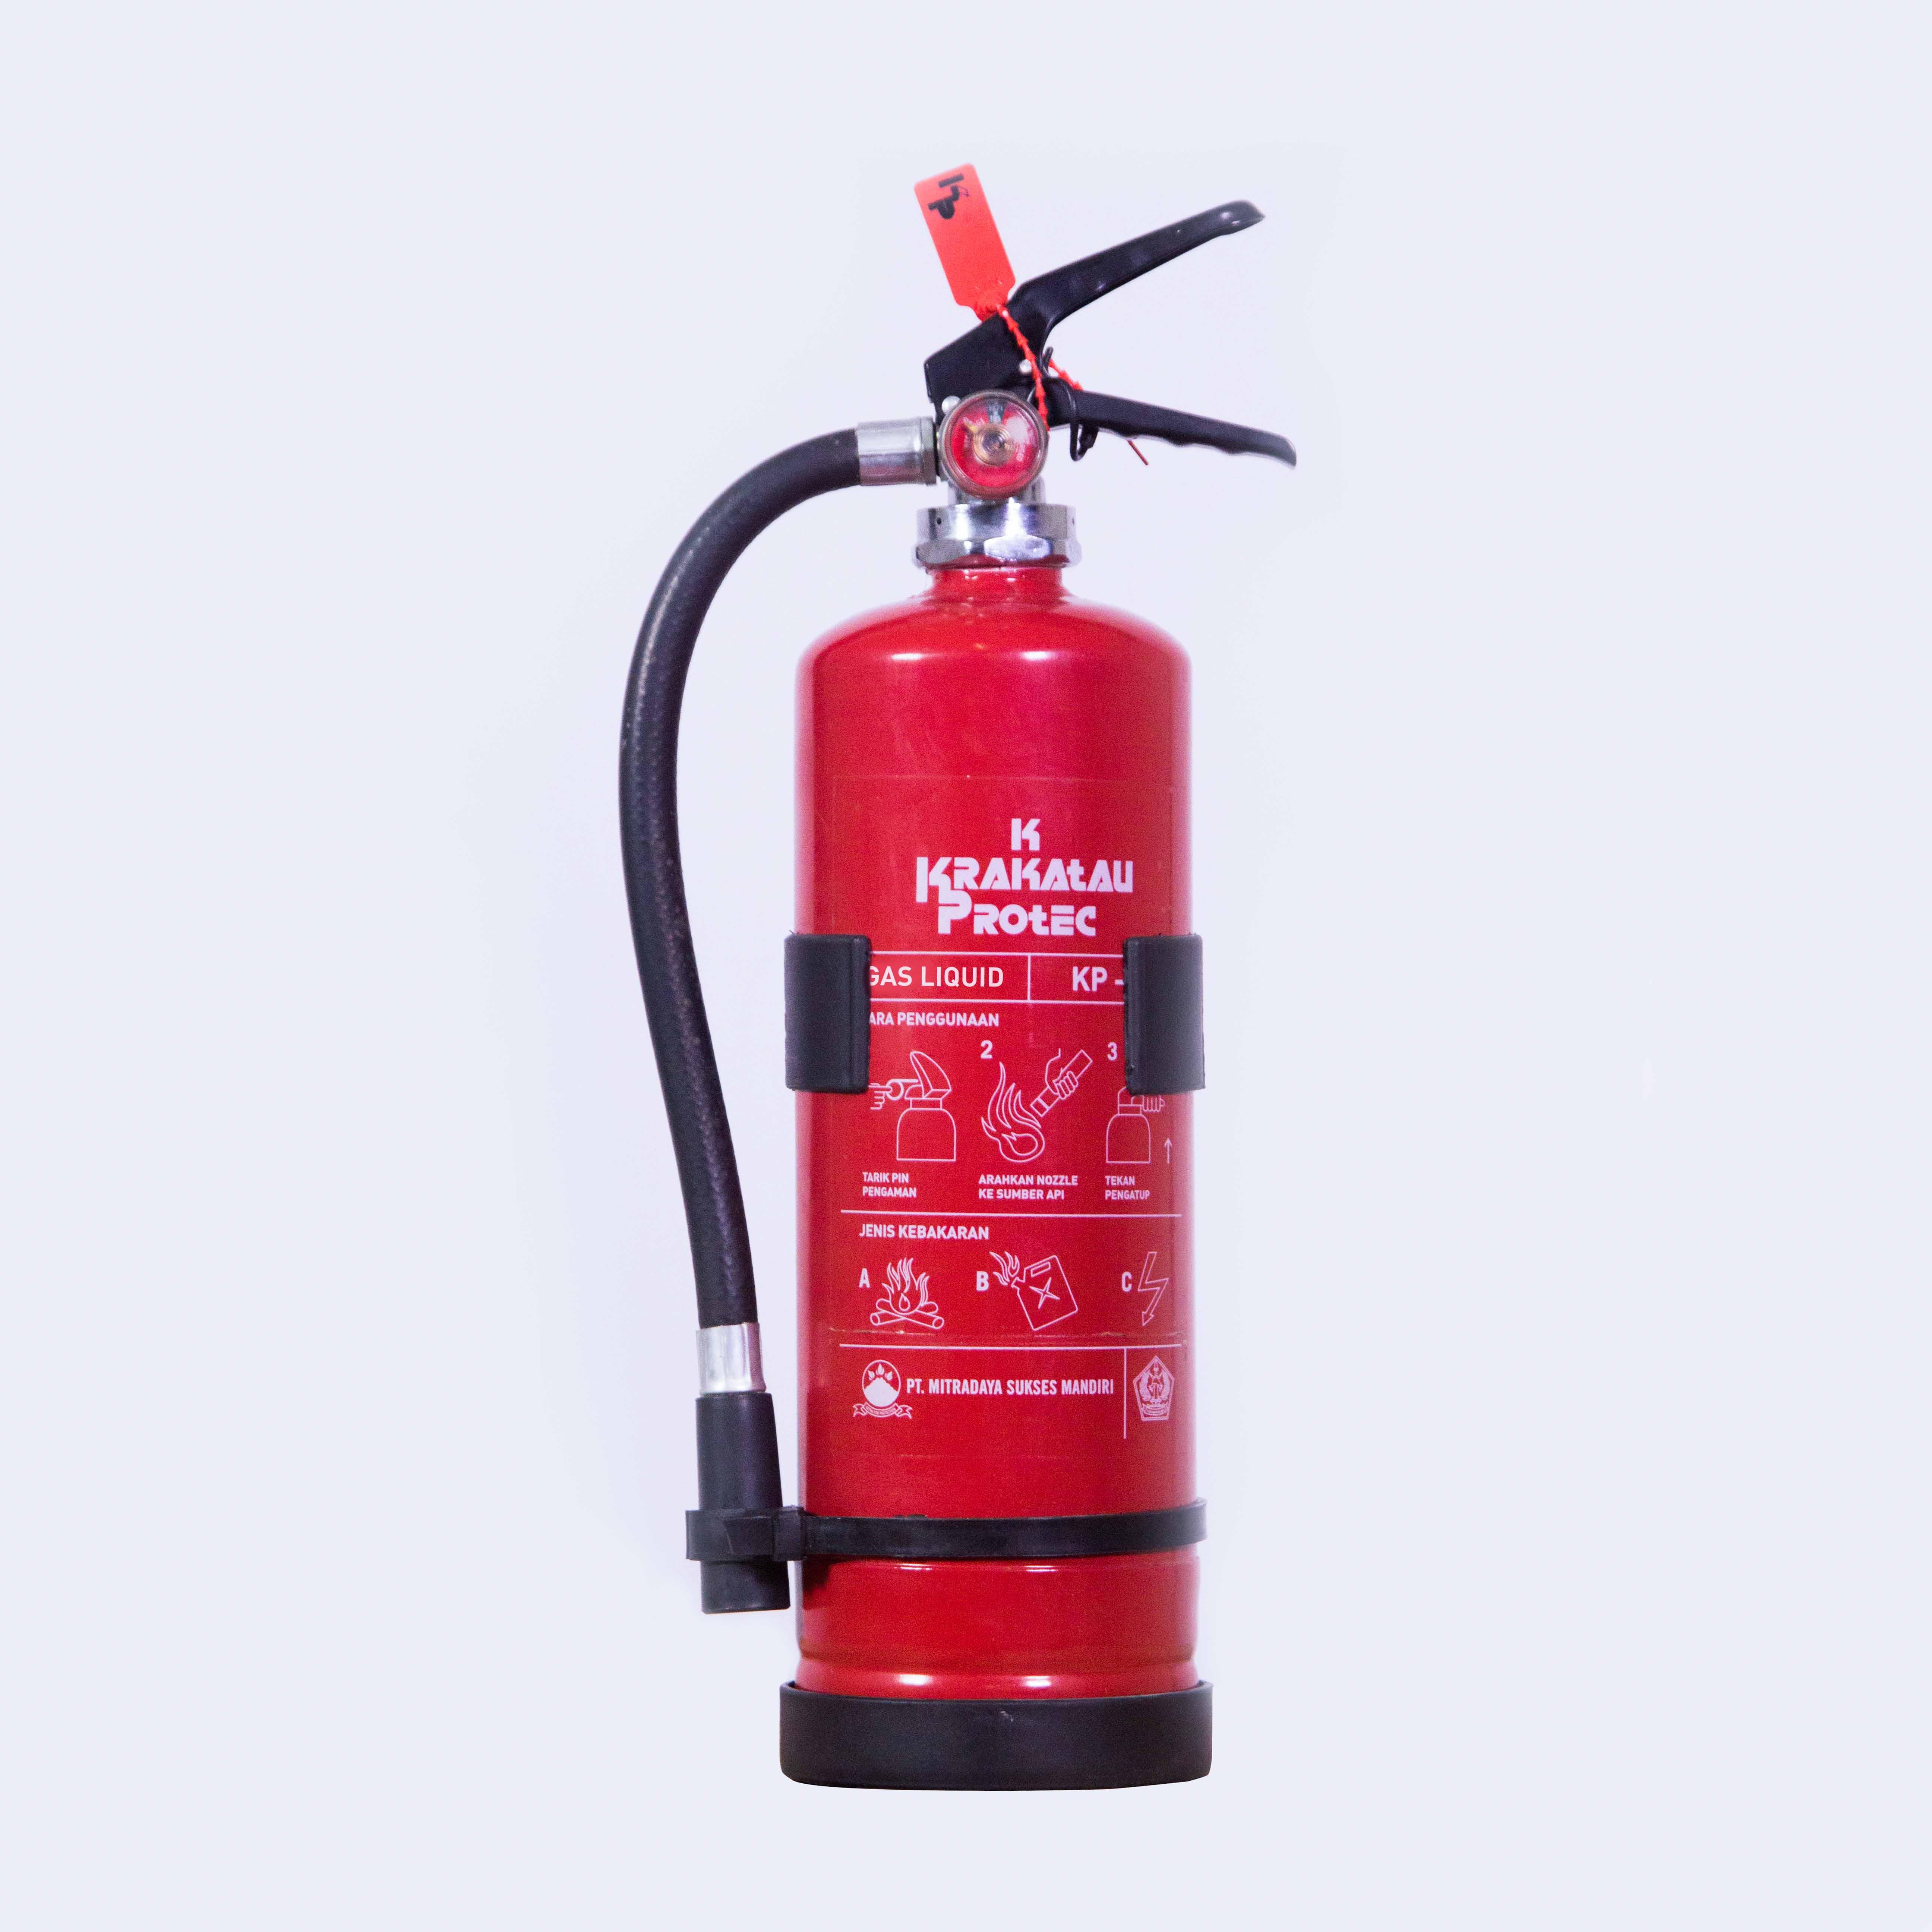 Gas Liquid 2 Kg / KP2H